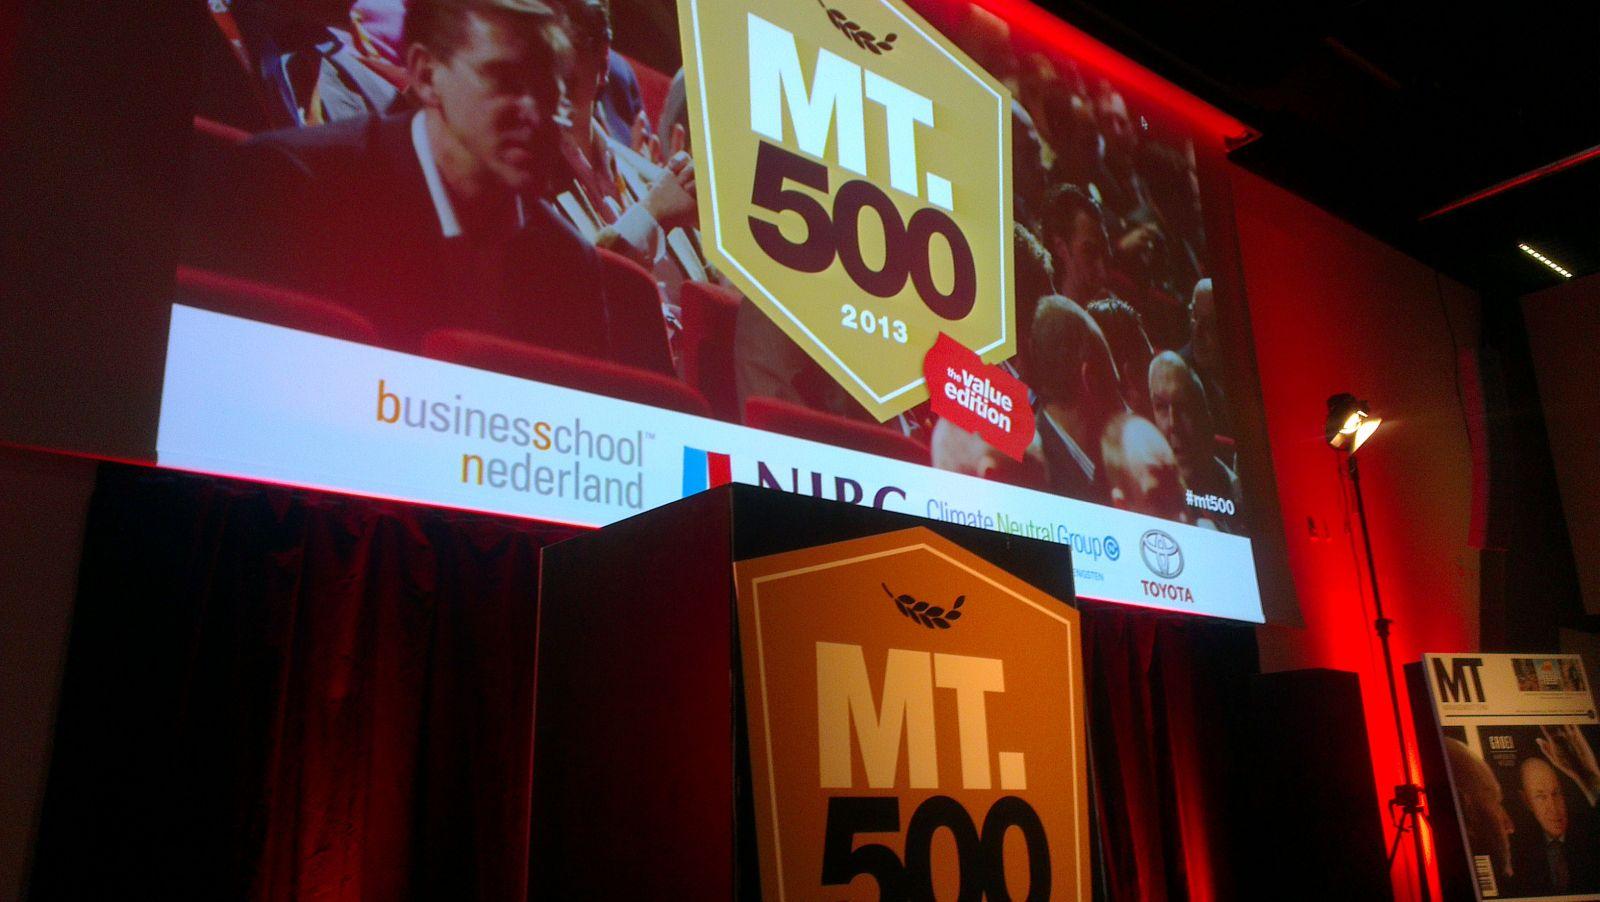 Het MT500-event staat op het punt te beginnen